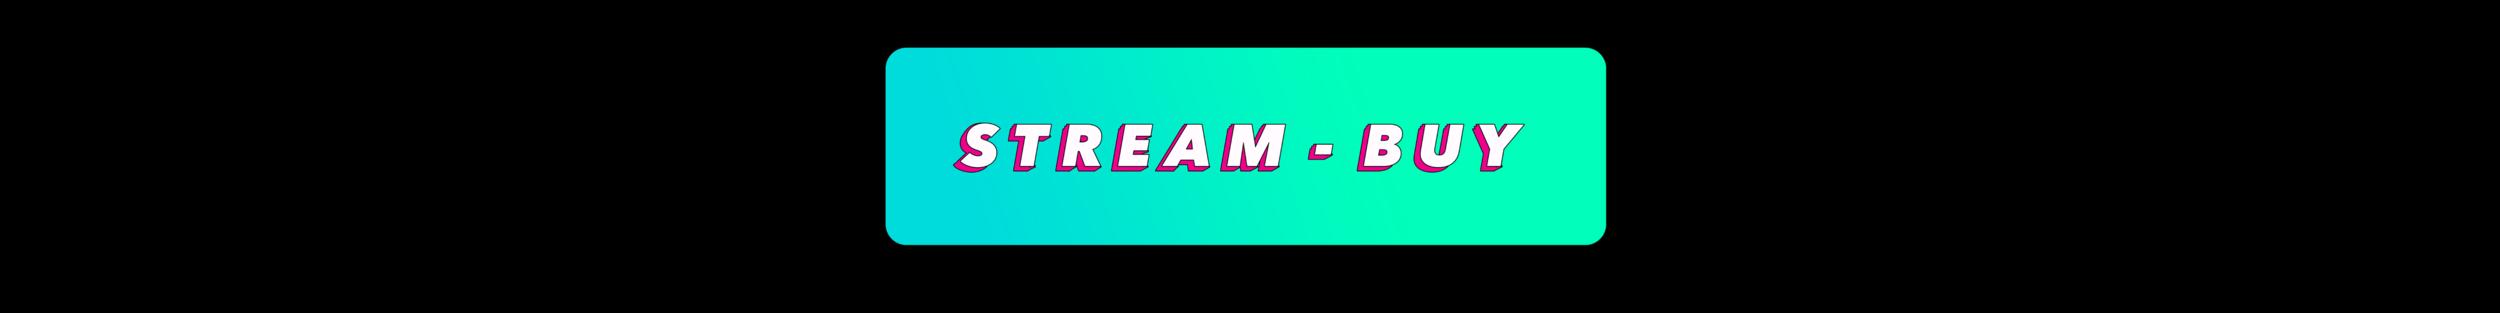 DIDI - Stream Buy 3.png